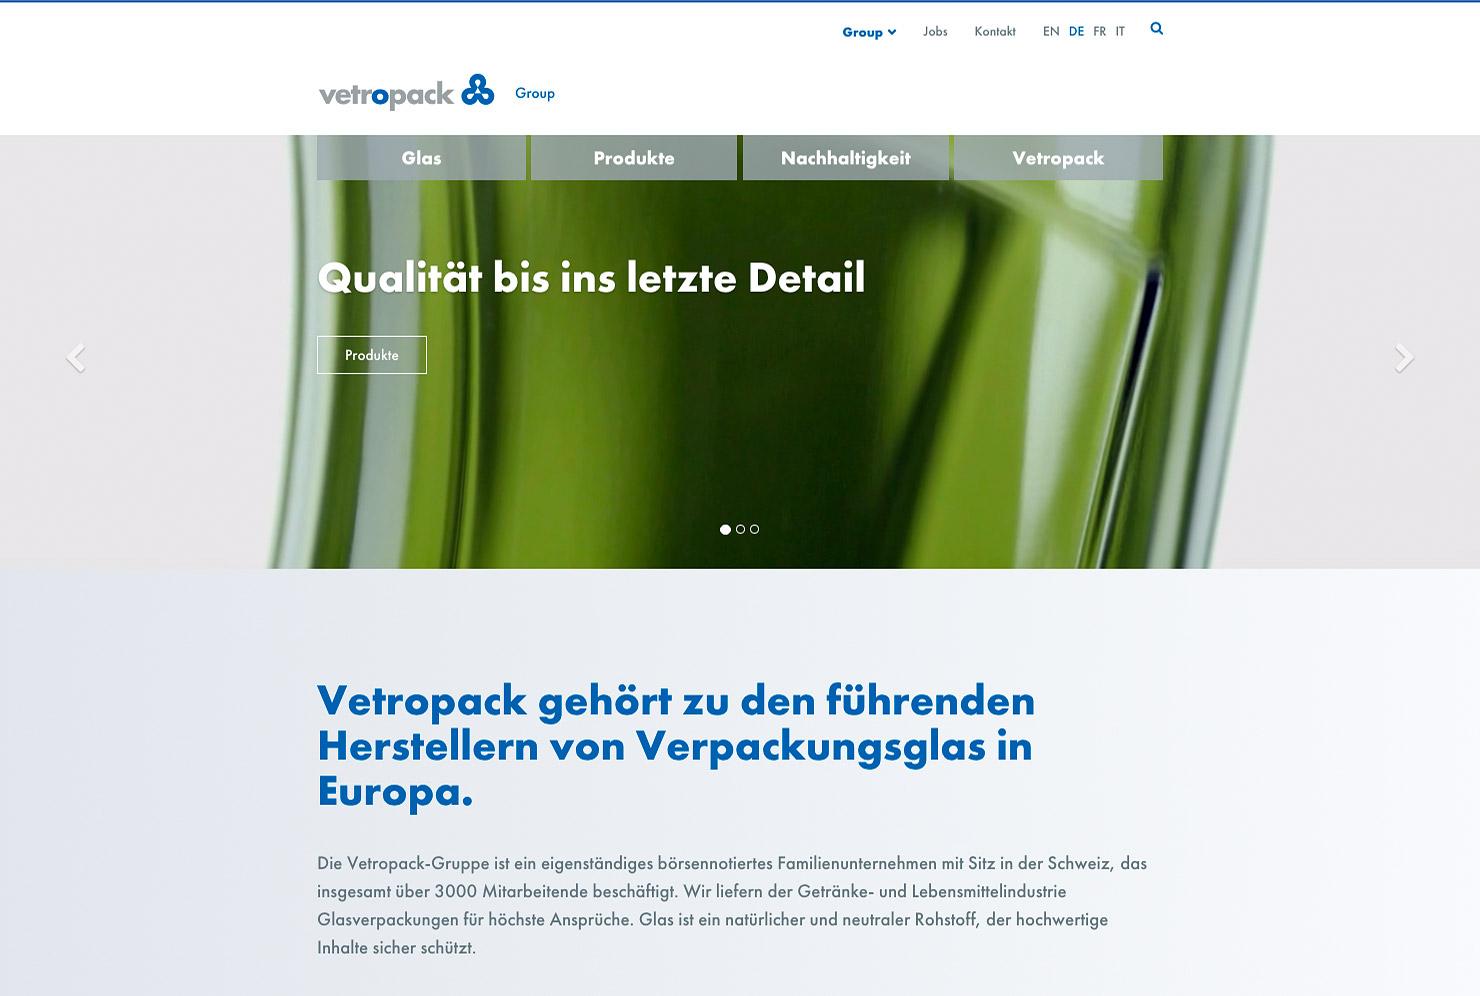 Startseite Webseite Vetropack Unternehmen slide 0